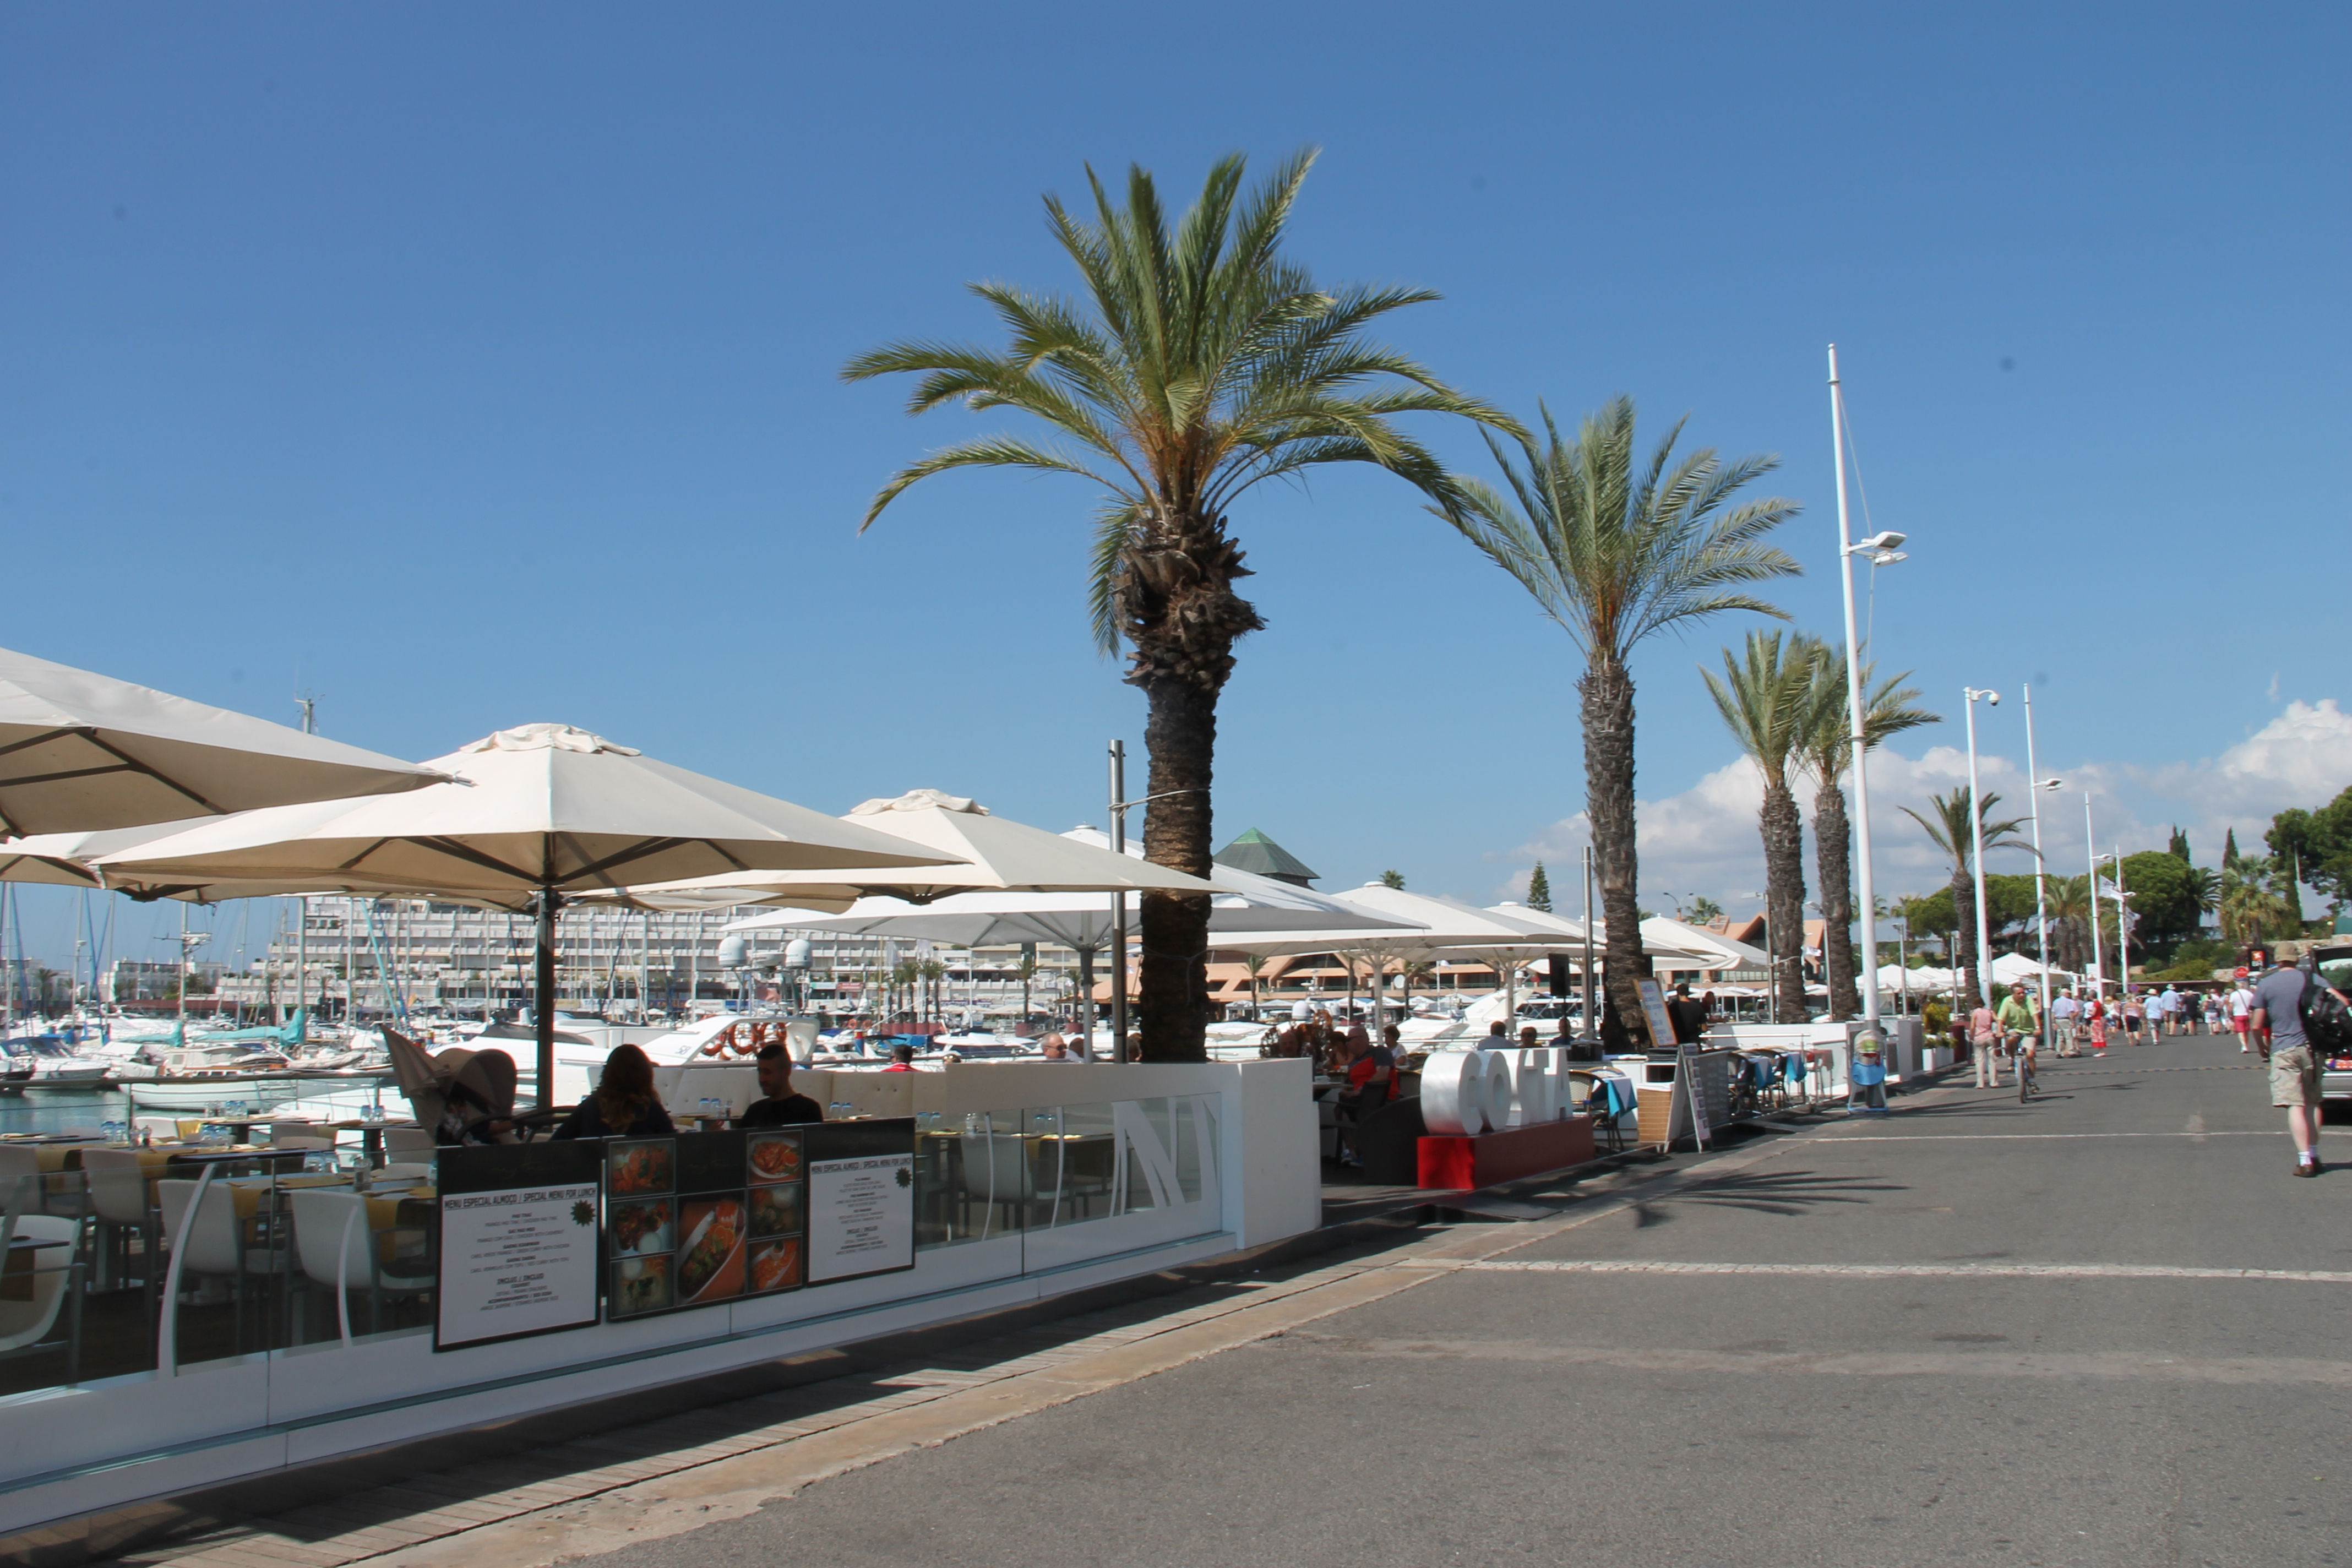 #3B669023520812 Vilamoura Vakantie Algarve Portugal Img 8207.jpg Meest effectief Luxe Vakantie Portugal 3705 behang 427228483705 afbeeldingen